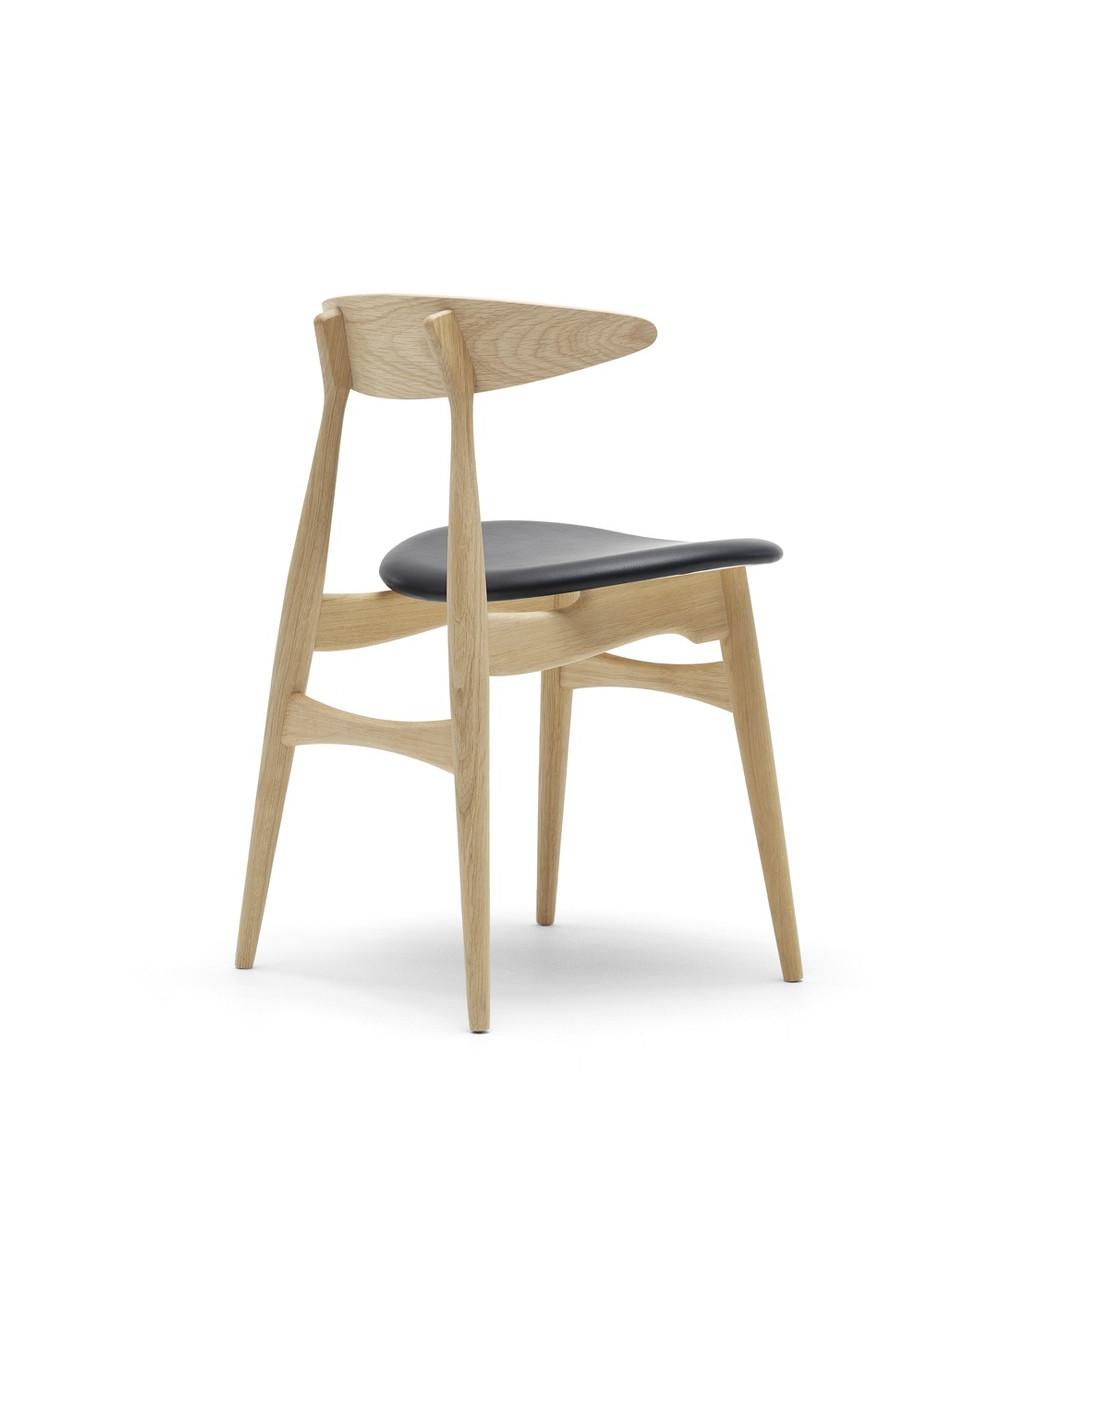 chaise ch33 design hans j wegner par carl hansen la boutique danoise. Black Bedroom Furniture Sets. Home Design Ideas